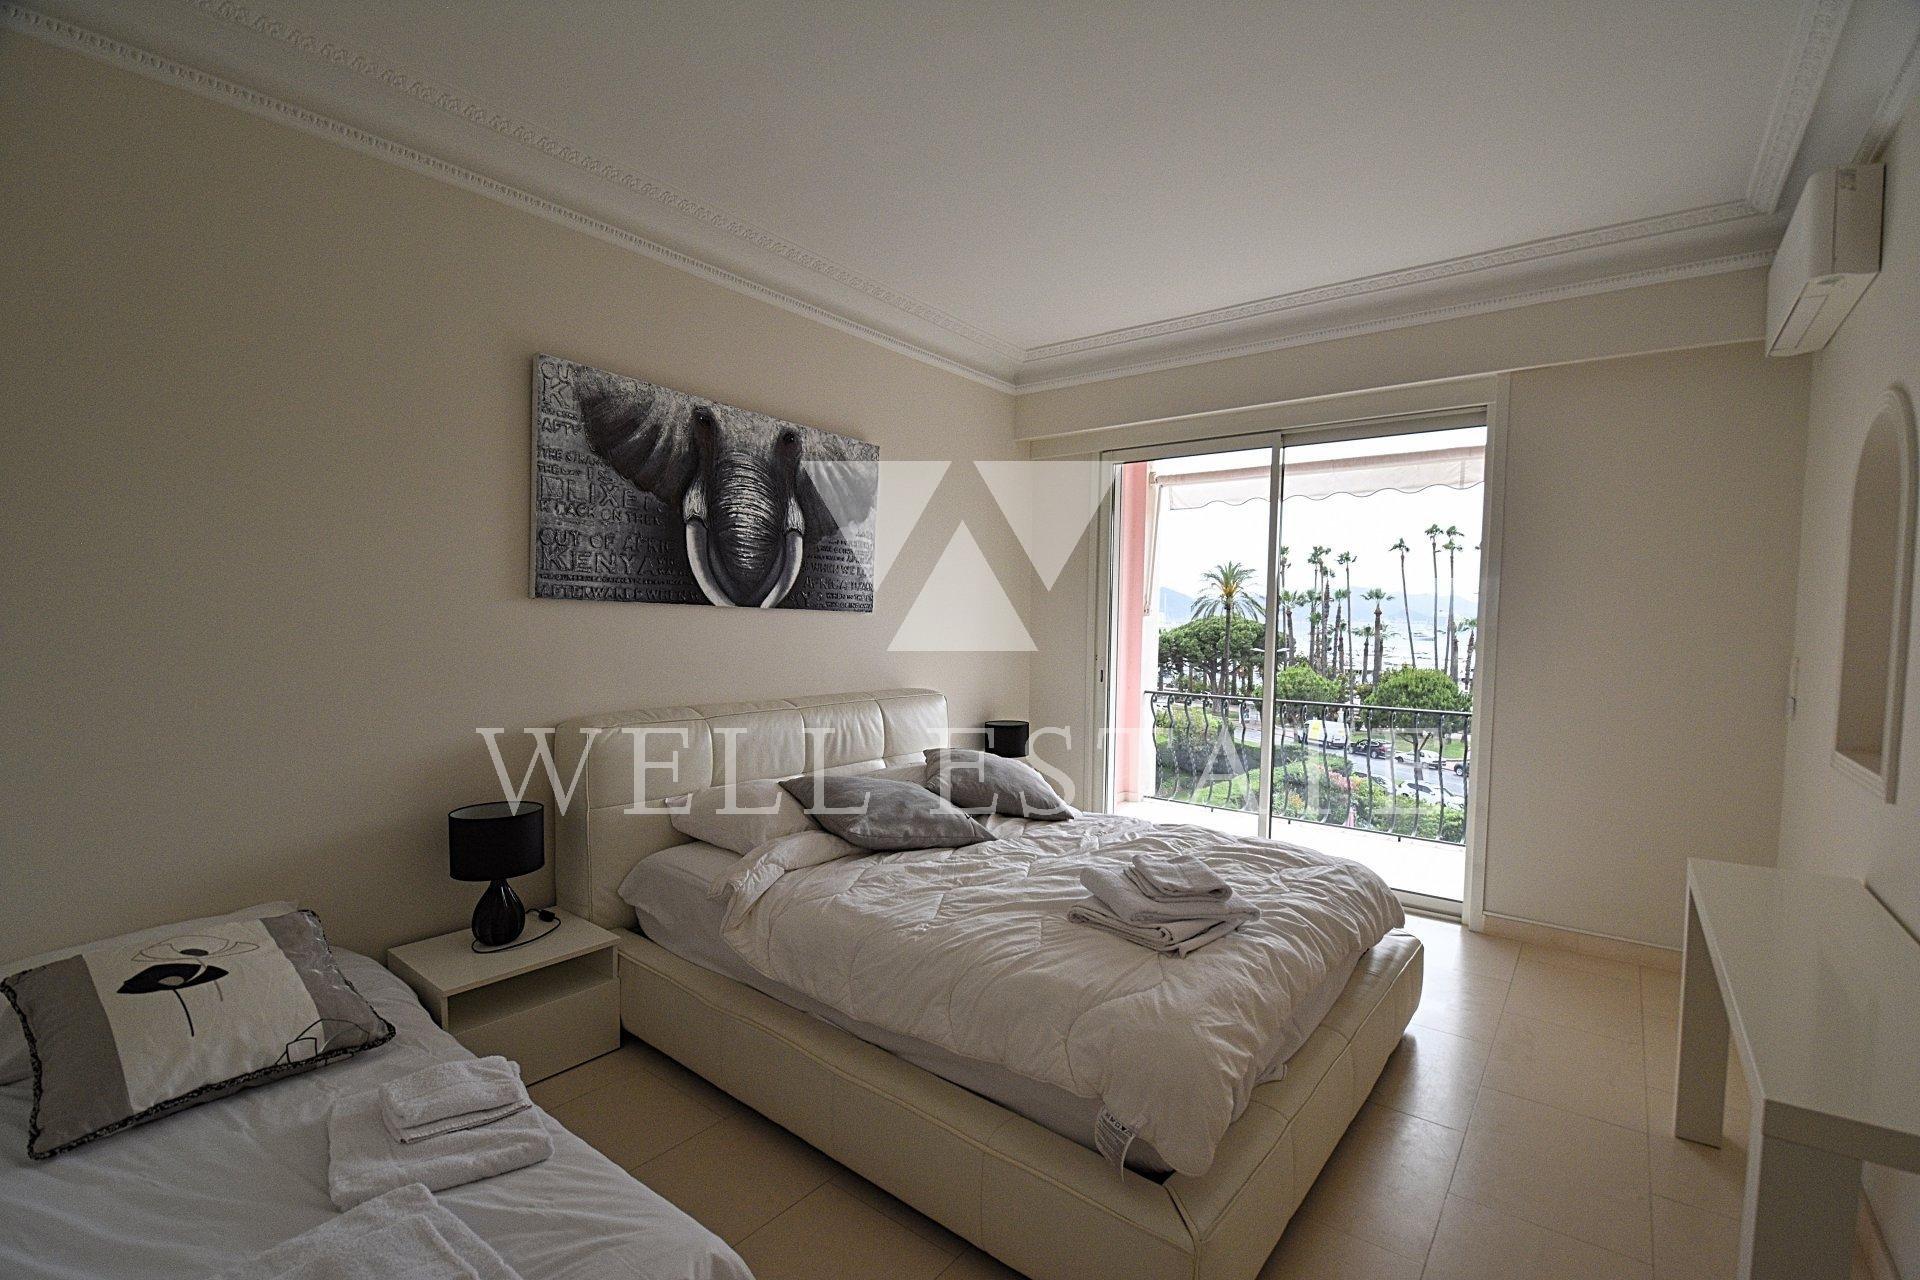 Appartement 110 metres face à la mer sur le célèbre boulevard de la Croisette